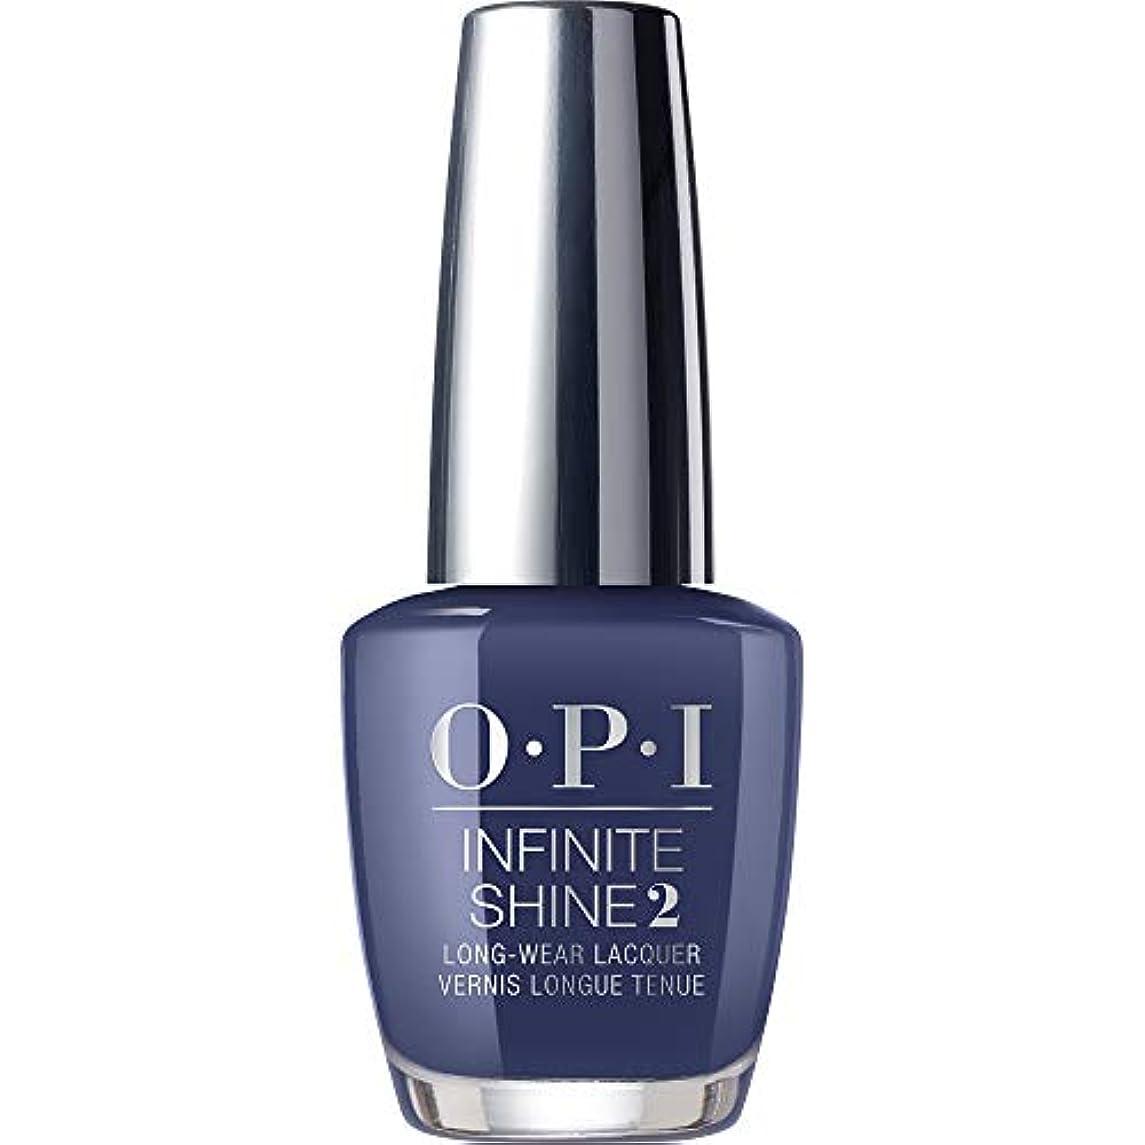 お香注入する実証するOPI(オーピーアイ) インフィニット シャイン ISLU21 ナイス セット オブ パイプス